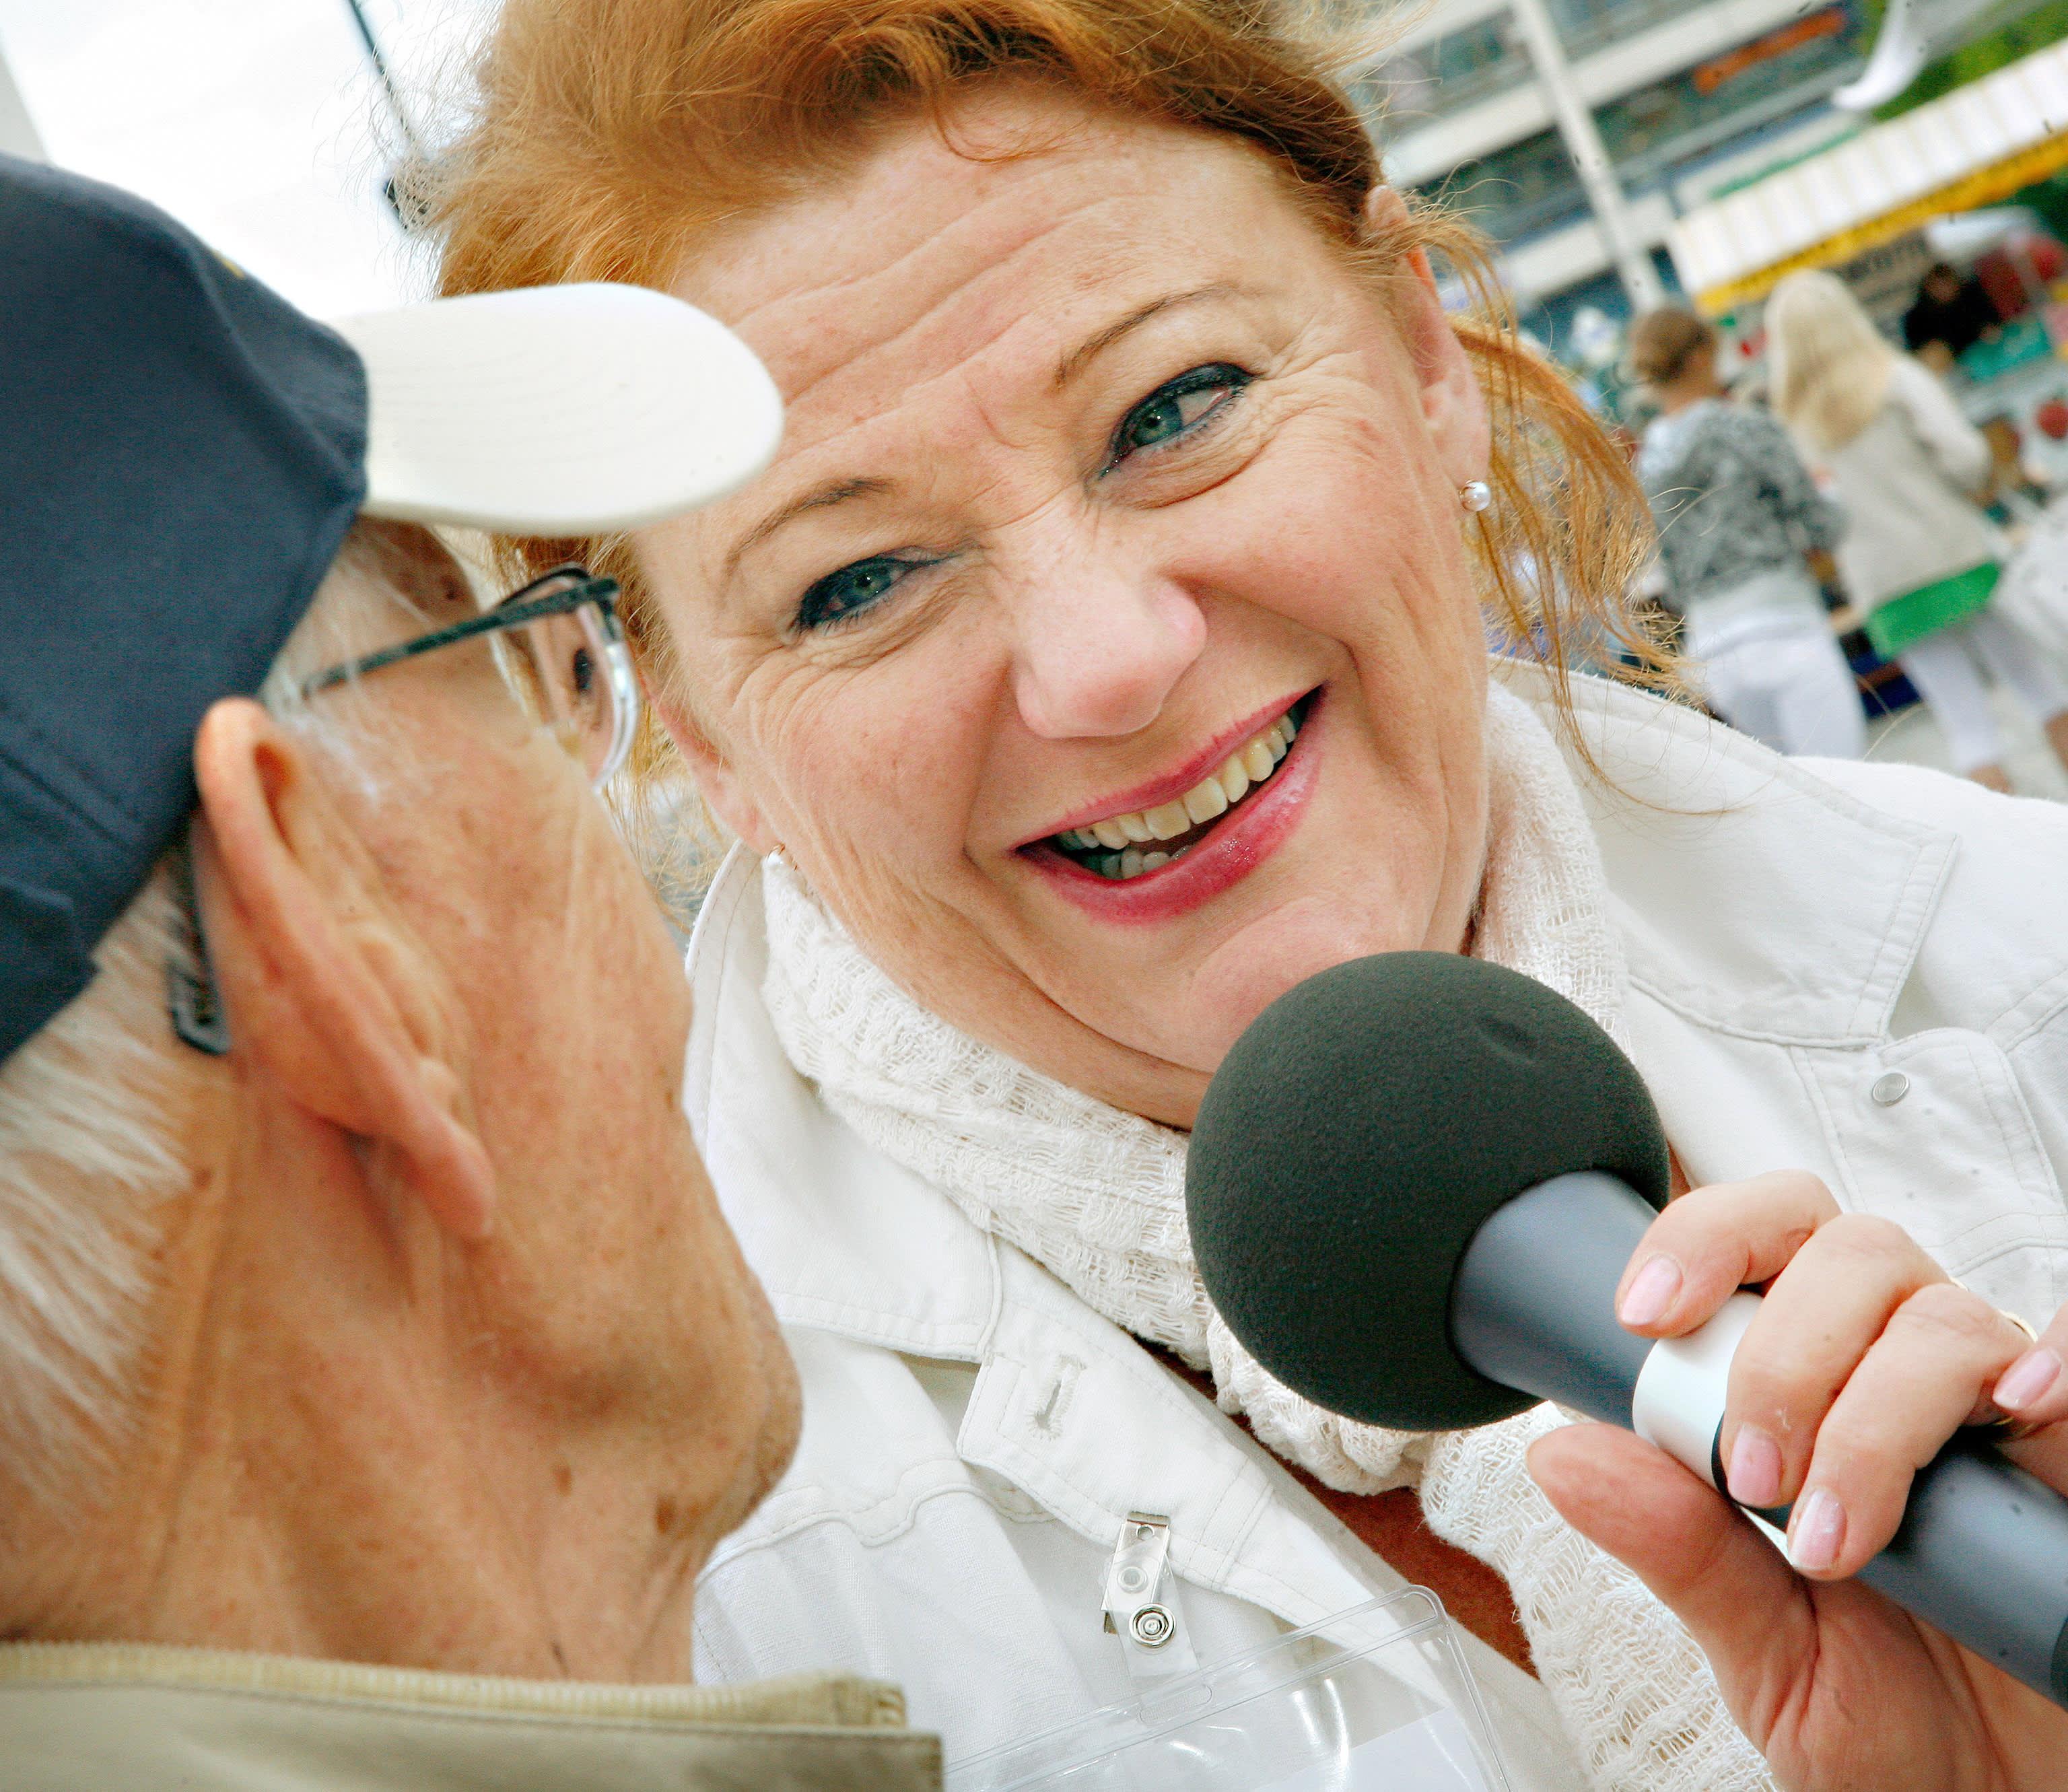 Kansanradion toimittaja Jaana Selin tekemässä haastattelua Vaasan asuntomessuilla vuonna 2008.